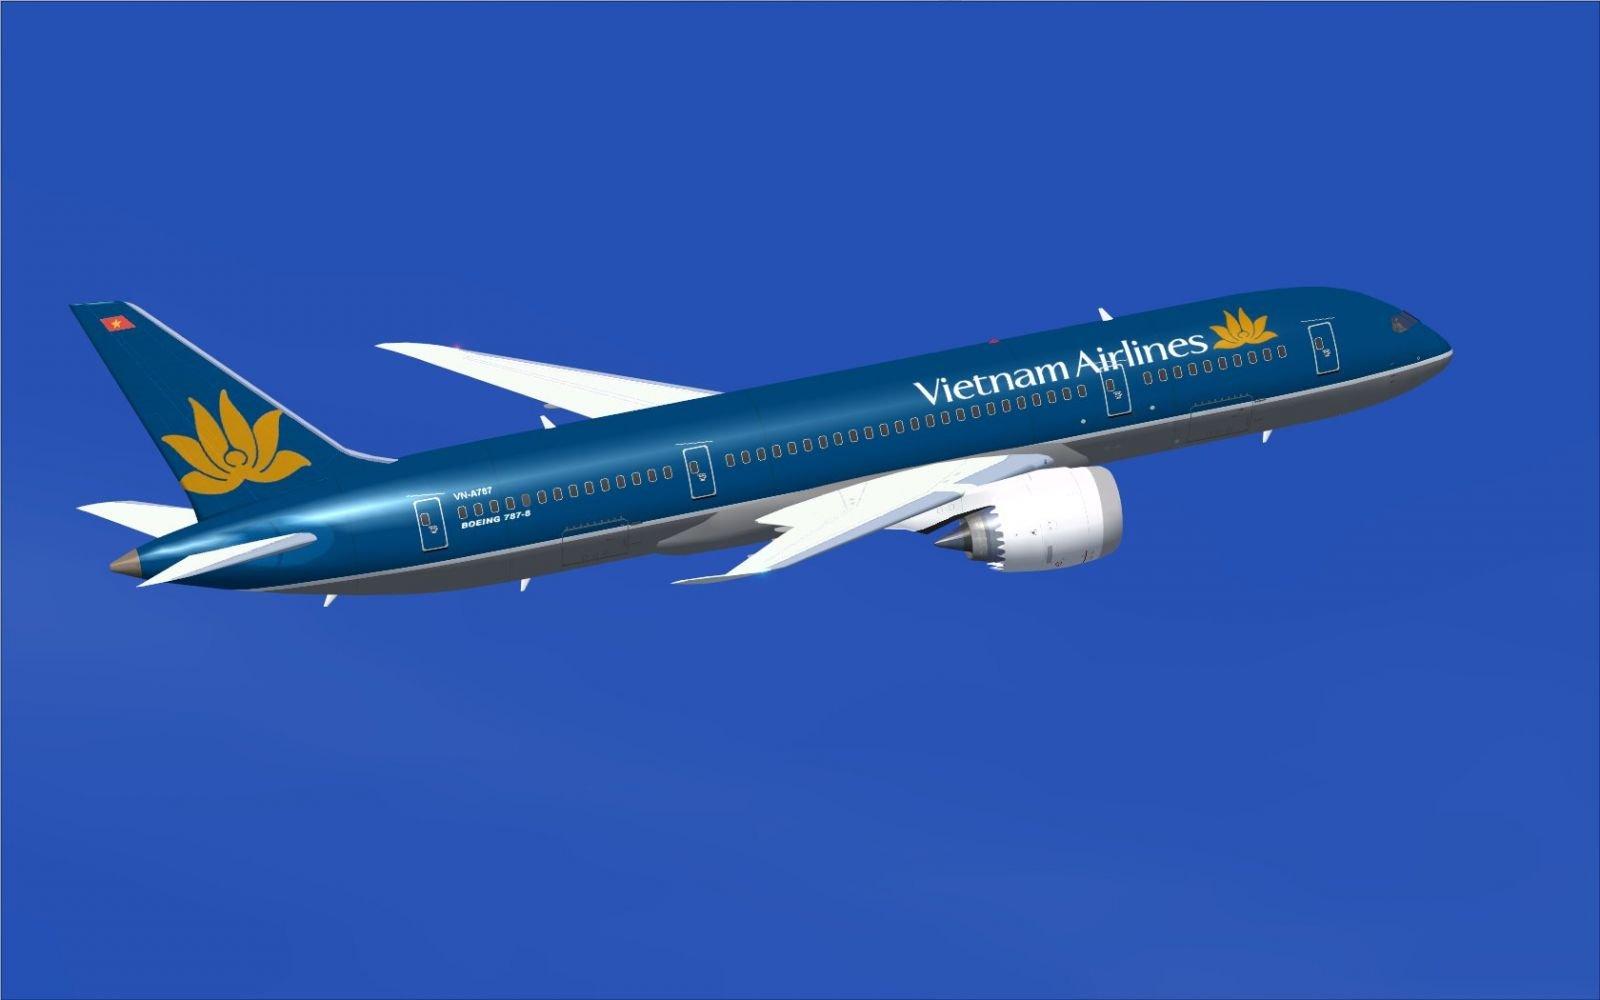 Hành khách 76 tuổi đột tử trên chuyến bay về Việt Nam 4